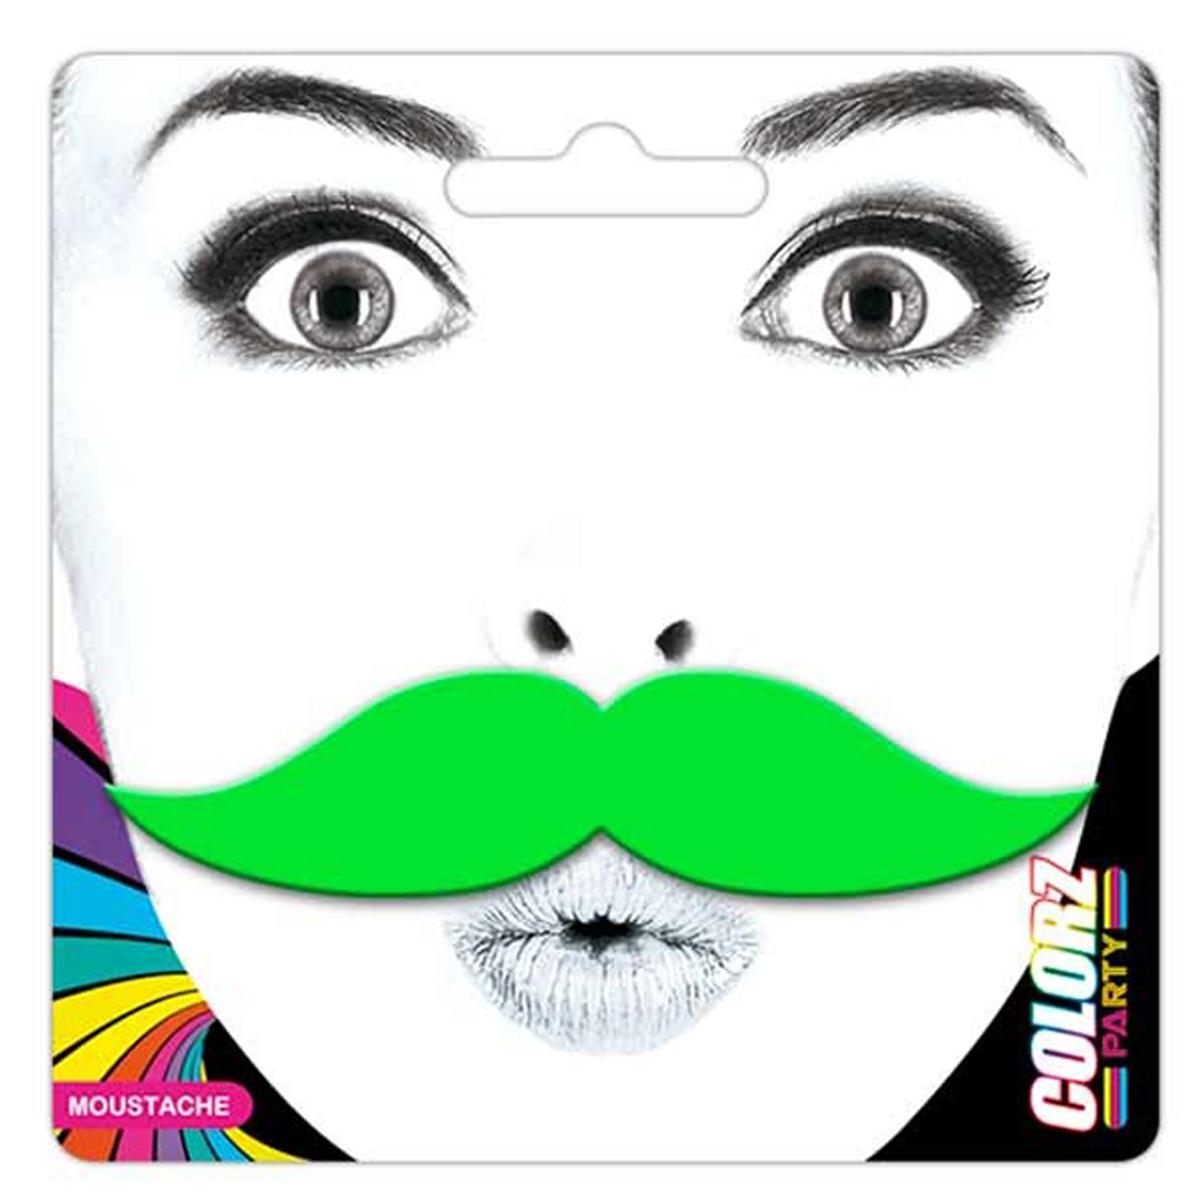 Fausse moustache \'Coloriage\' vert - 9x23 cm - [Q5570]